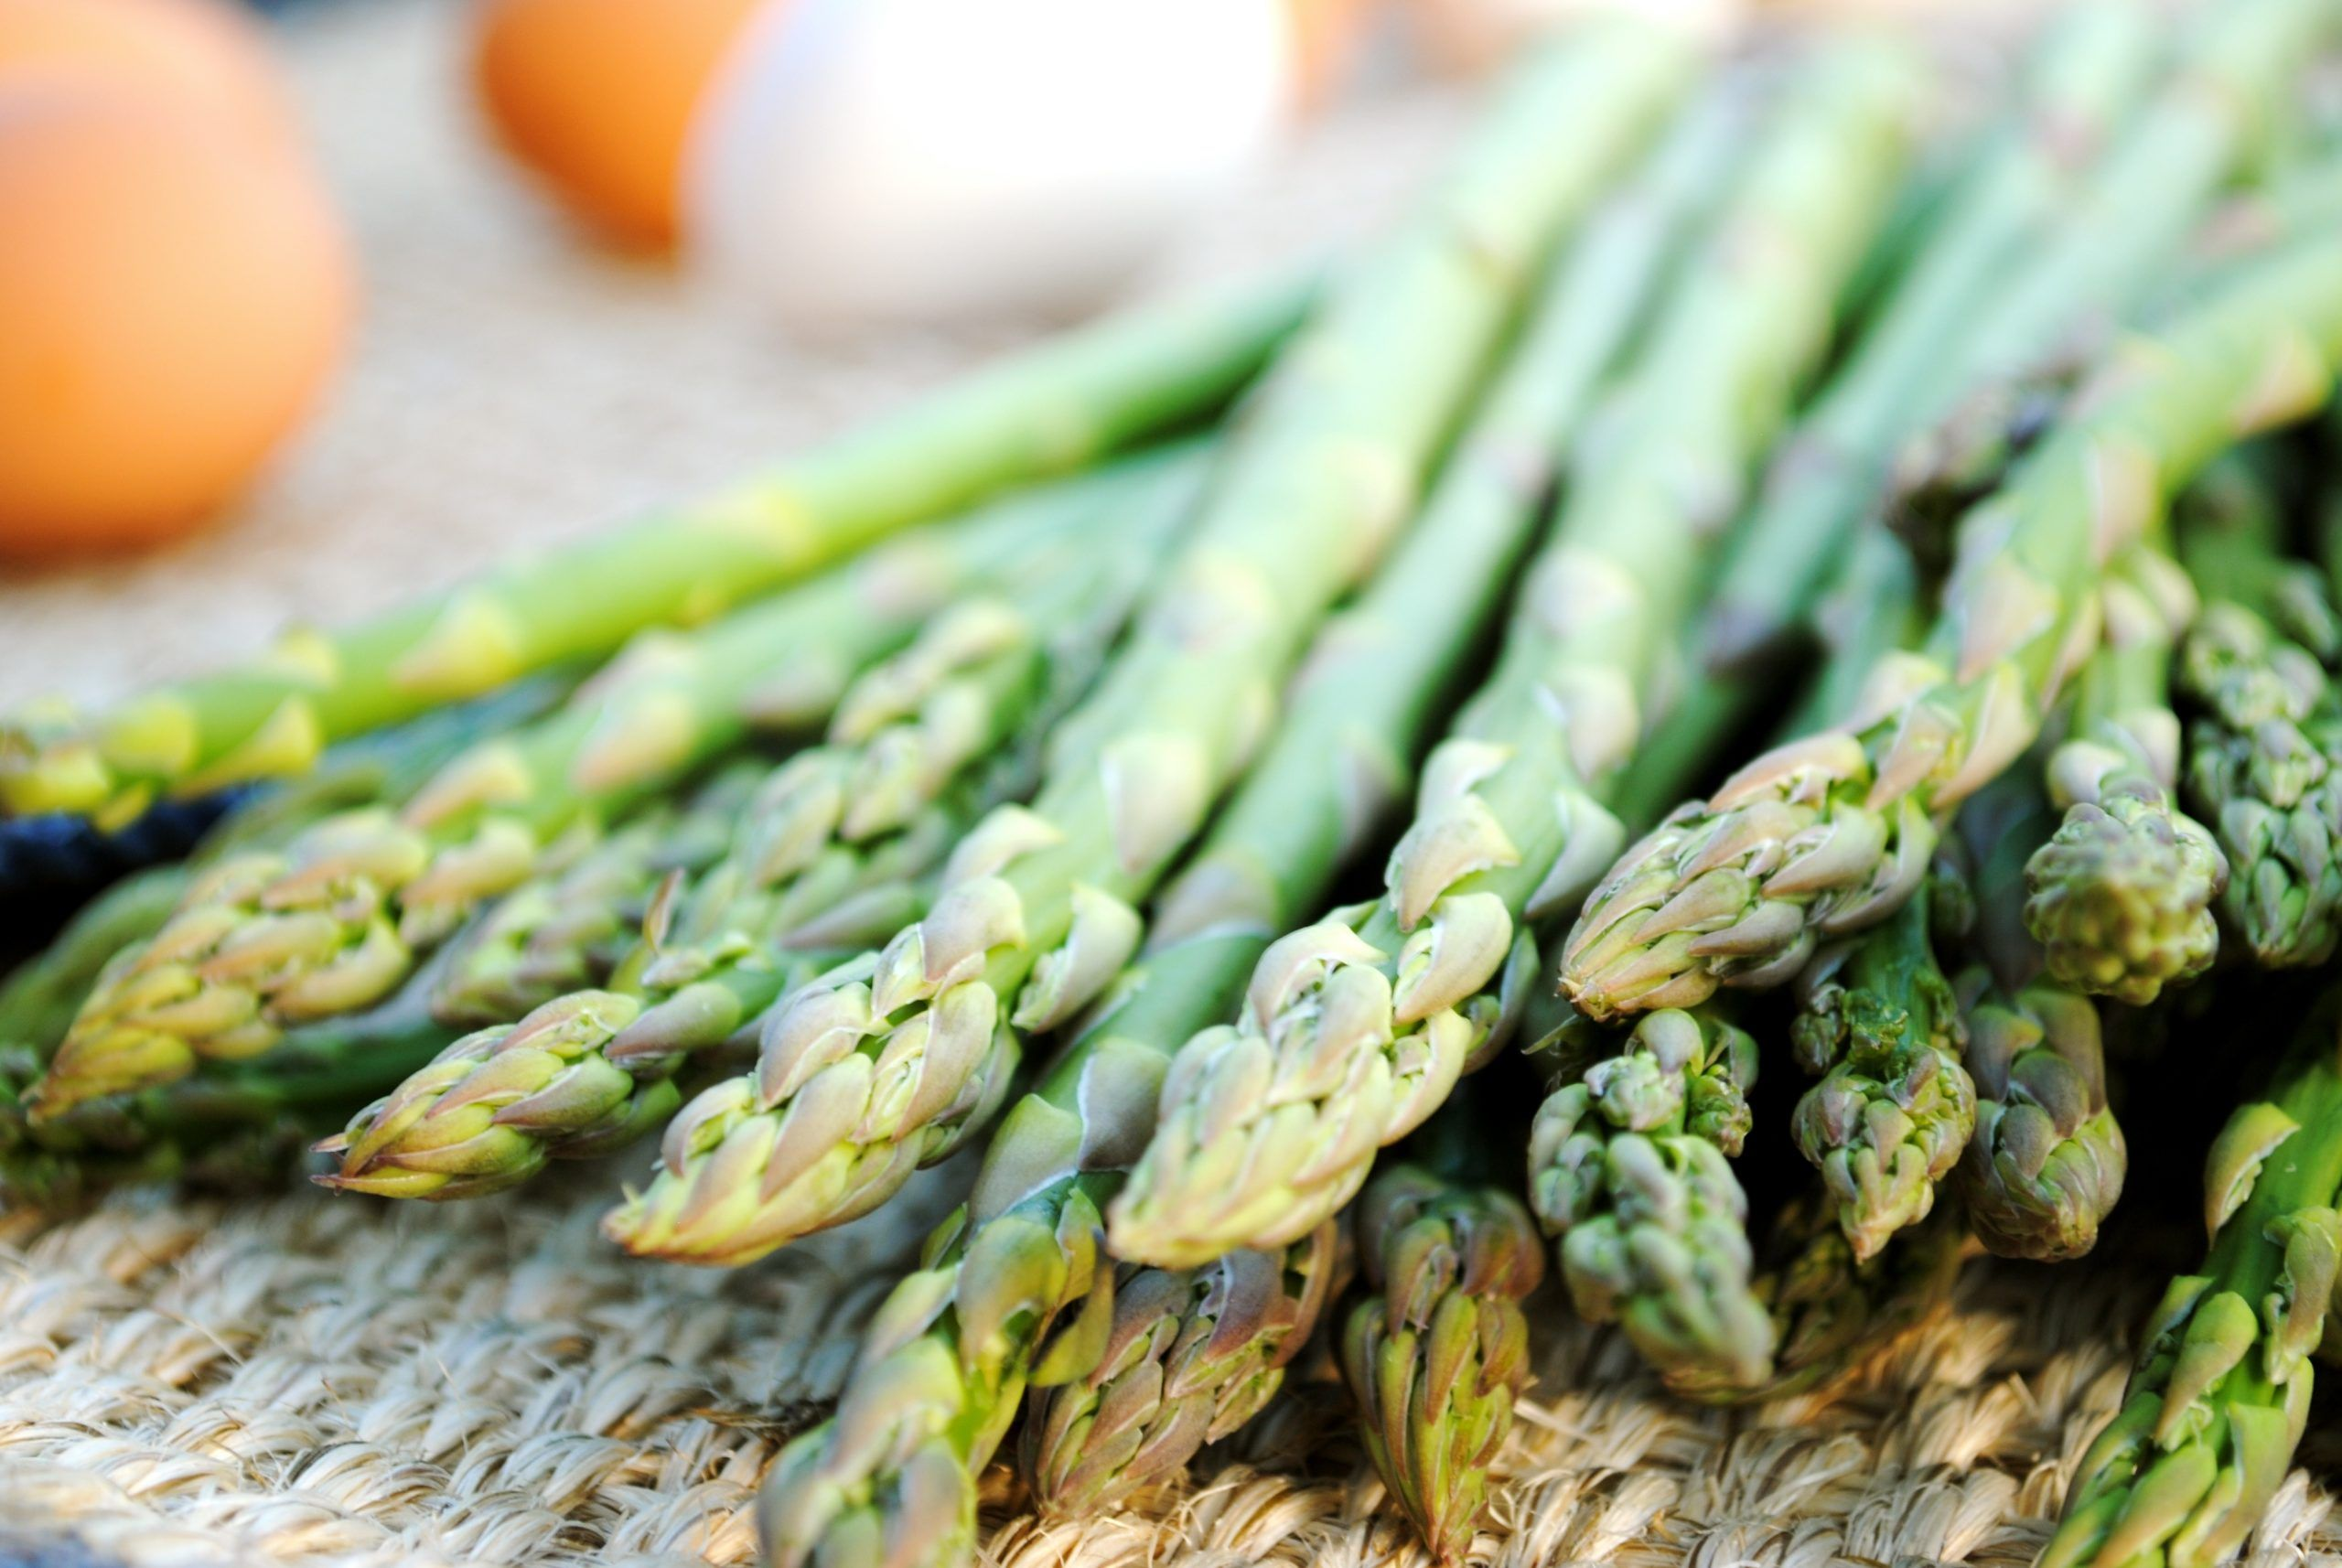 Asparagi, proprietà terapeutiche, nutrizionali e controindicazioni